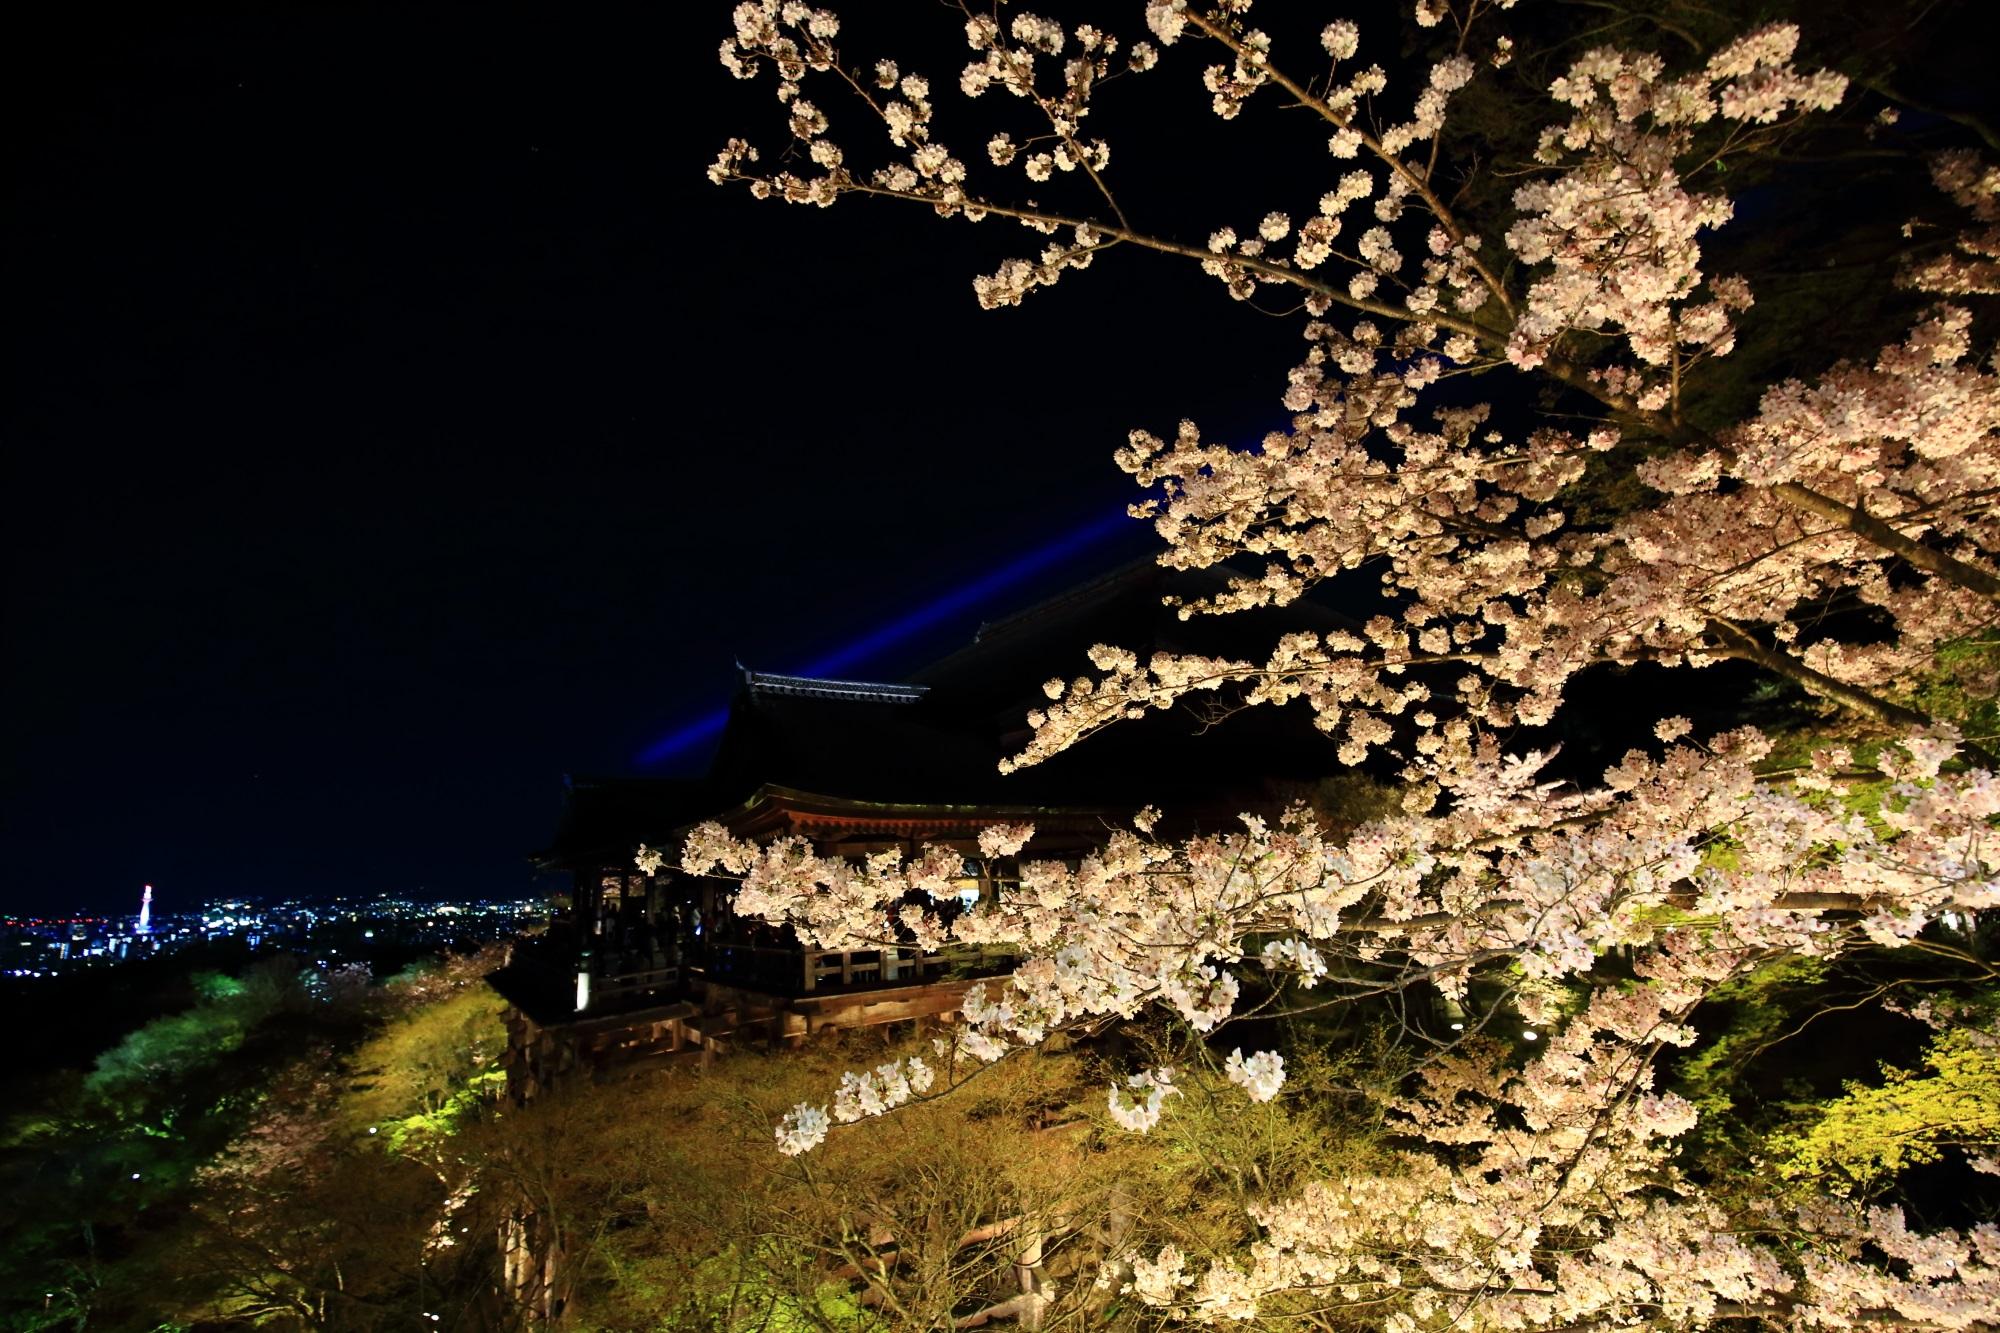 幻想的に浮かび上がる清水の舞台と華やかで妖艶な夜桜